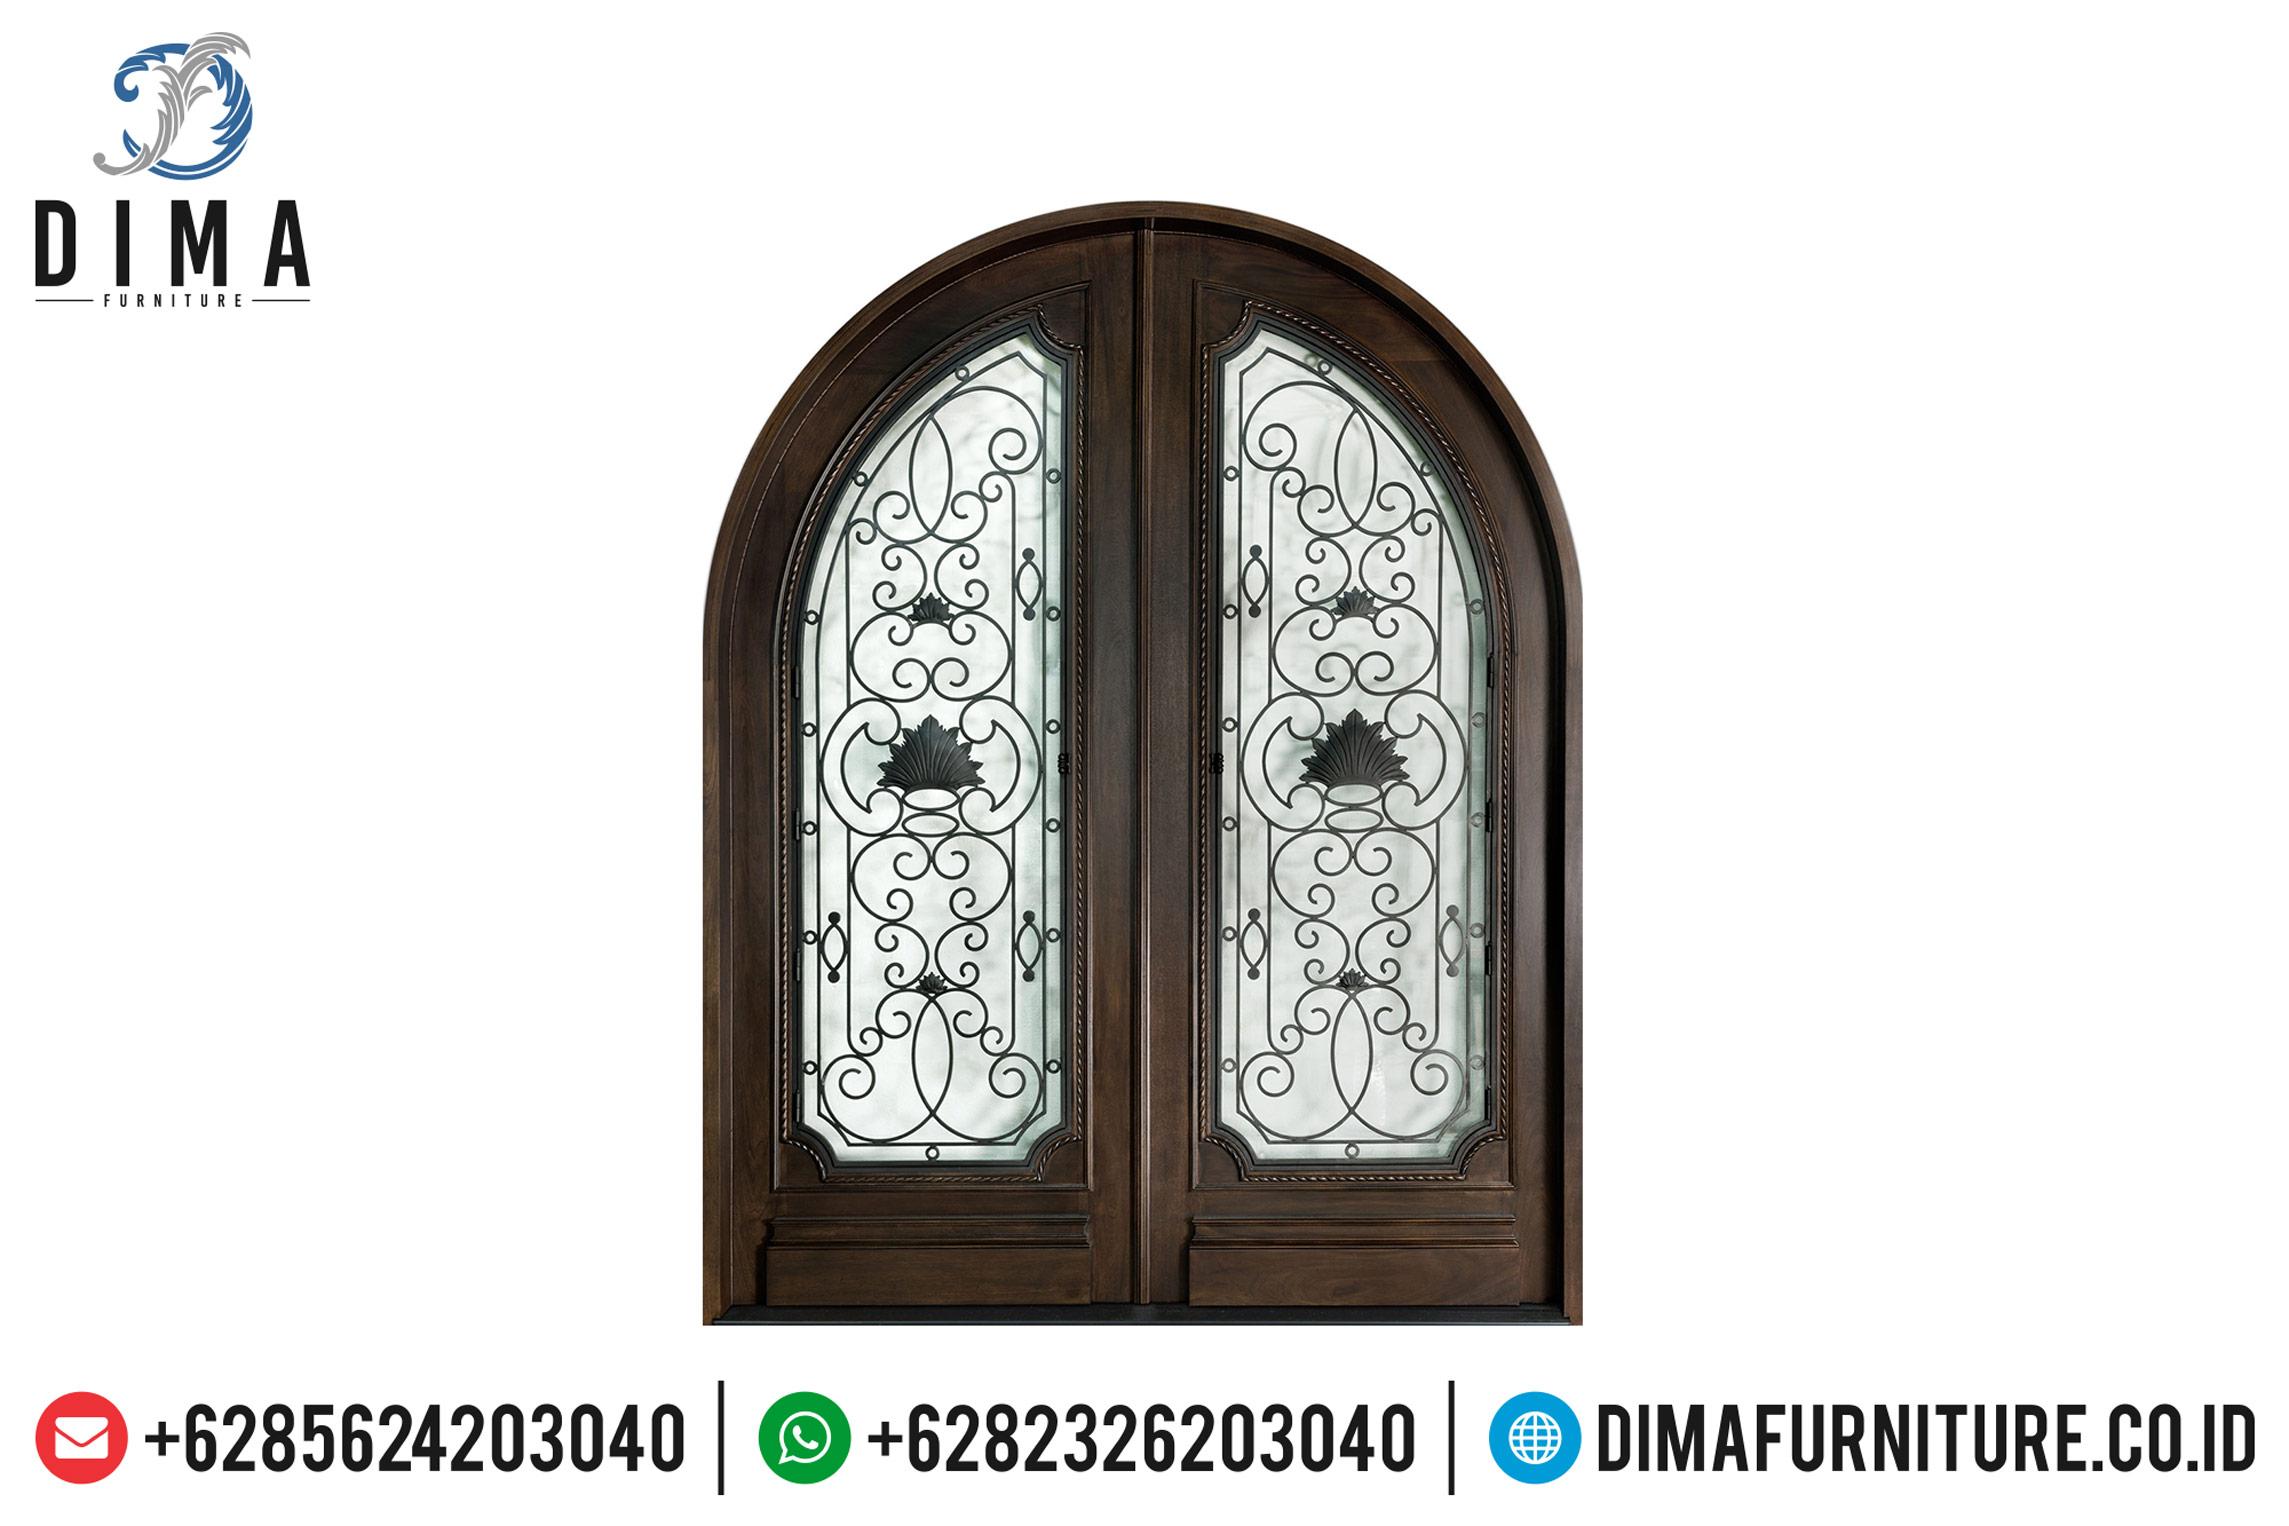 Desain Pintu Rumah Mewah Kusen Pintu Kayu Jati Natural Jepara TTJ-0500